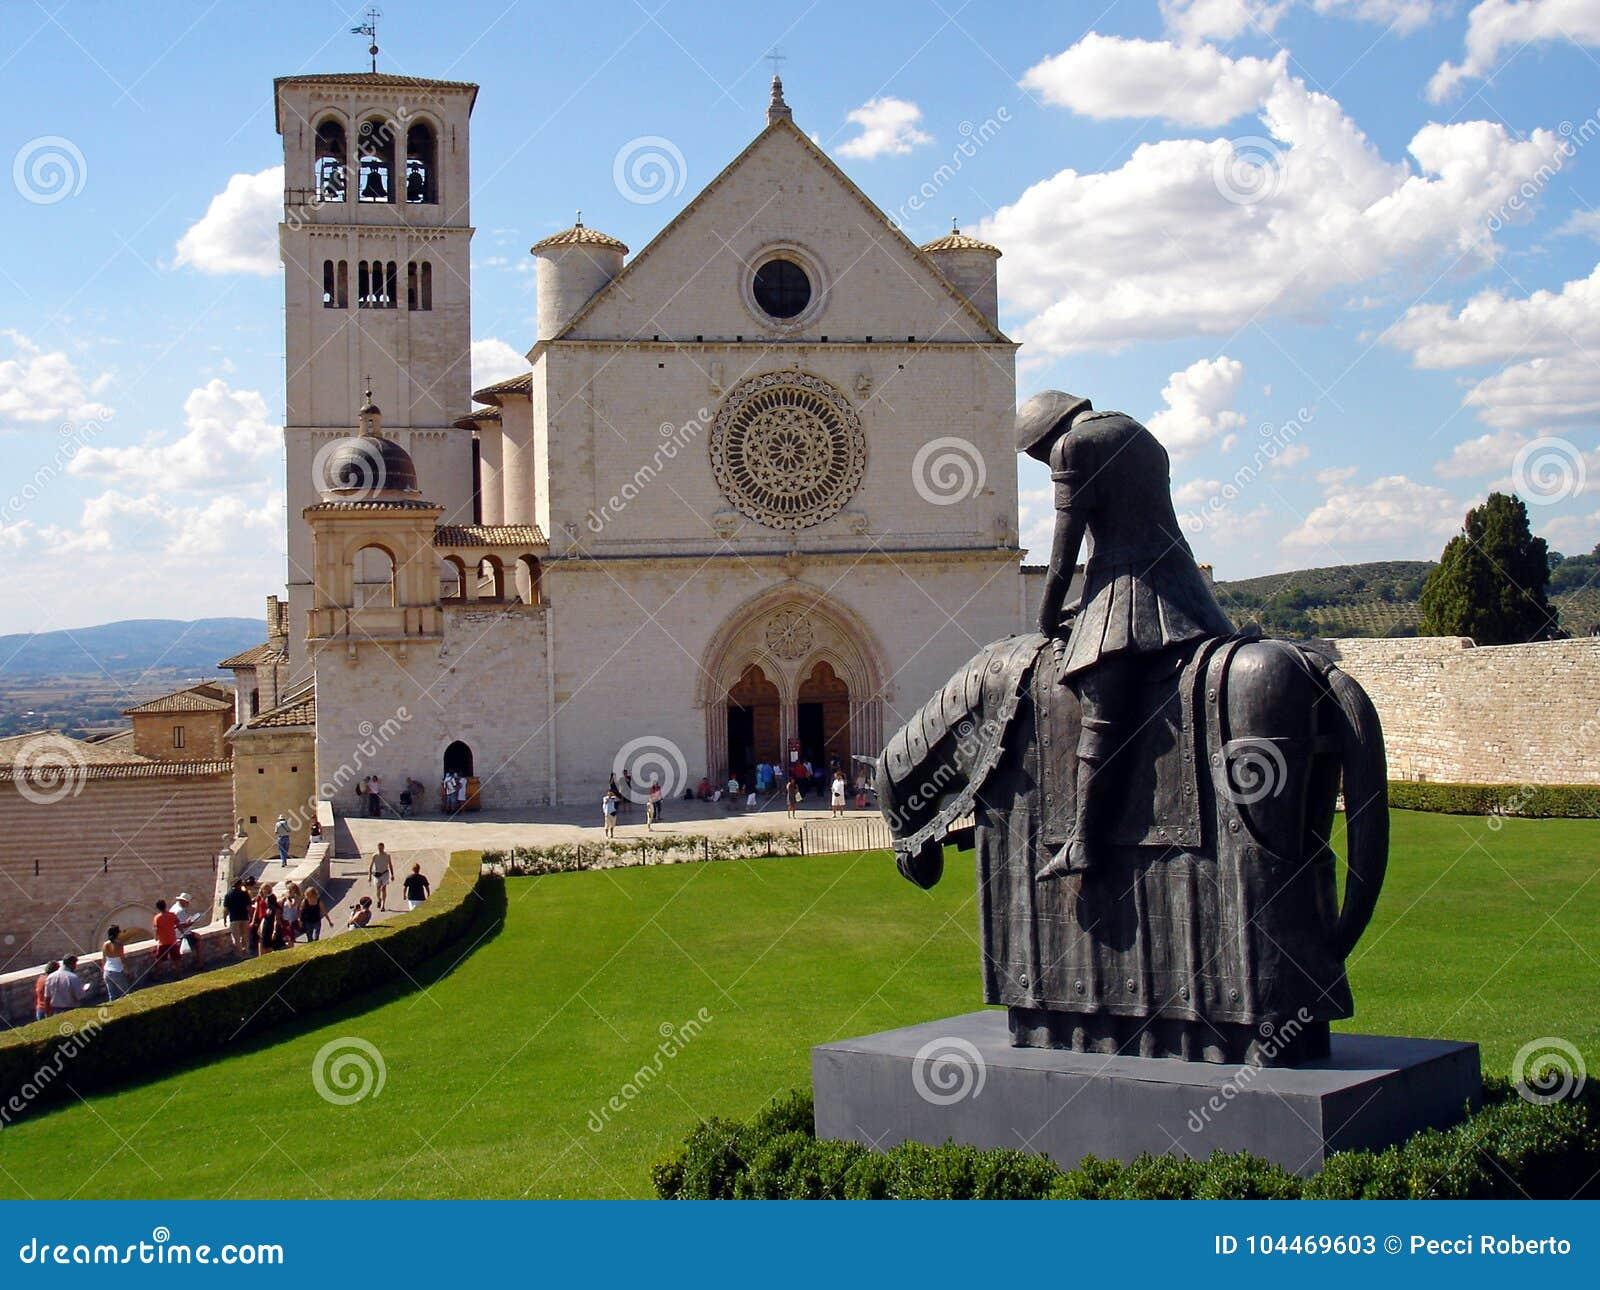 Italia, Umbría, el 28 de agosto de 2008, visita a la ciudad de Assisi, vista de la basílica de San Francisco